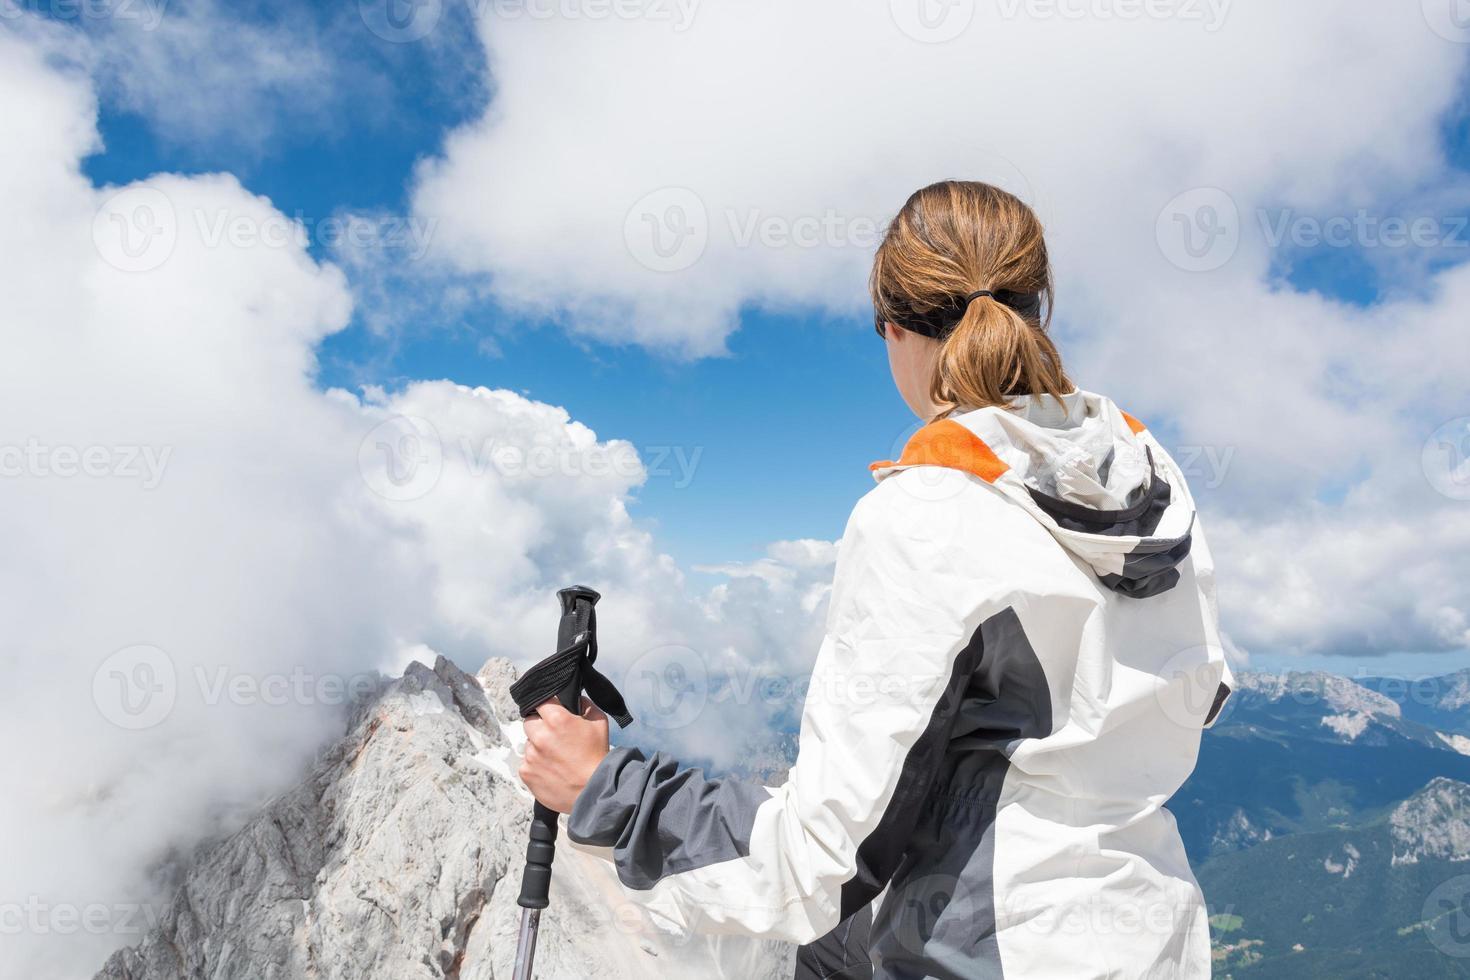 giovane donna che guarda una vista spettacolare foto